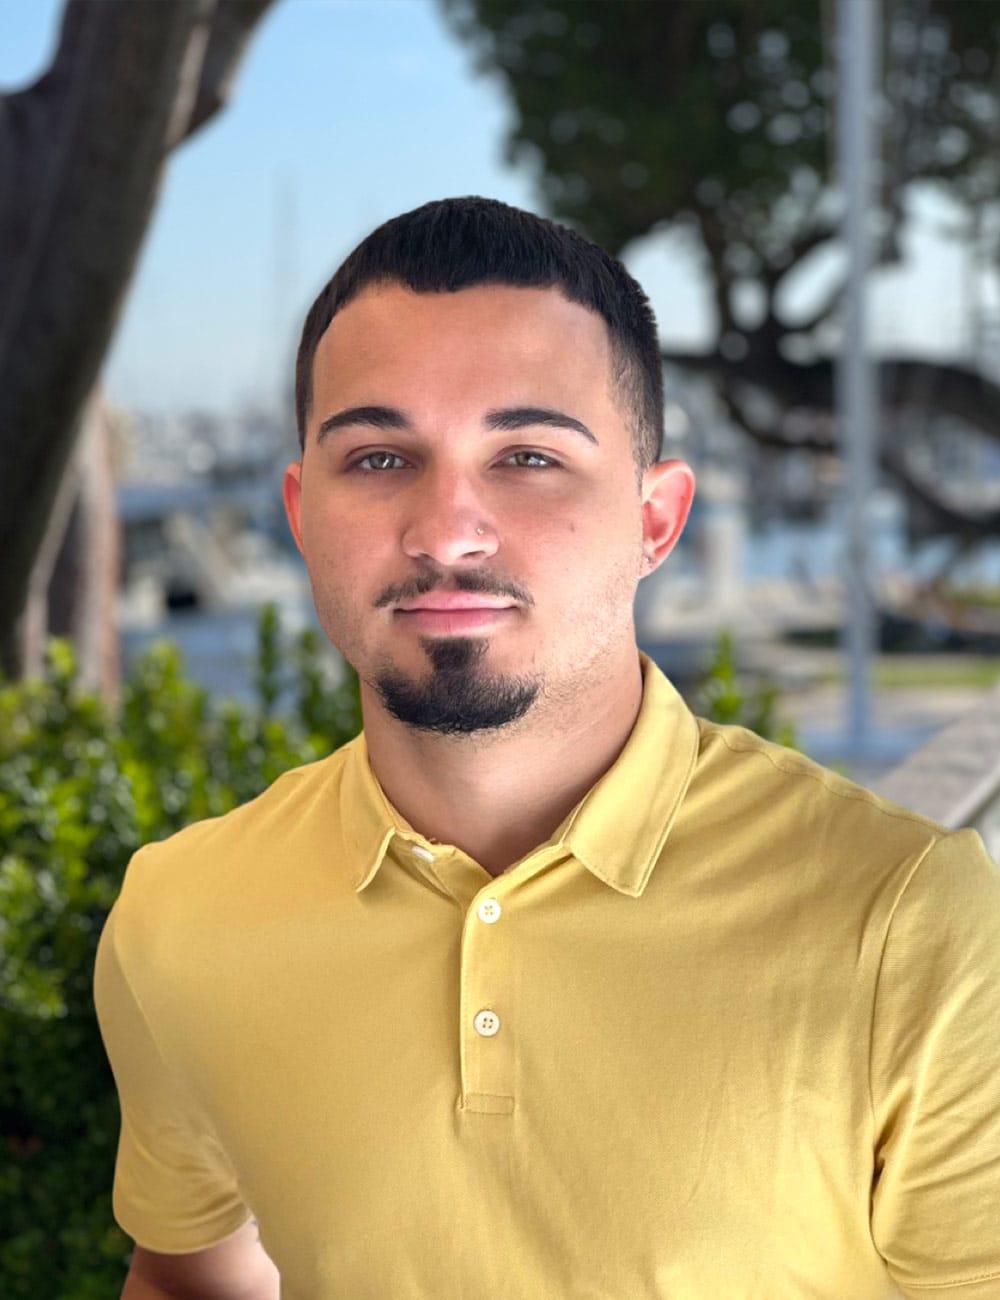 Damian Perez